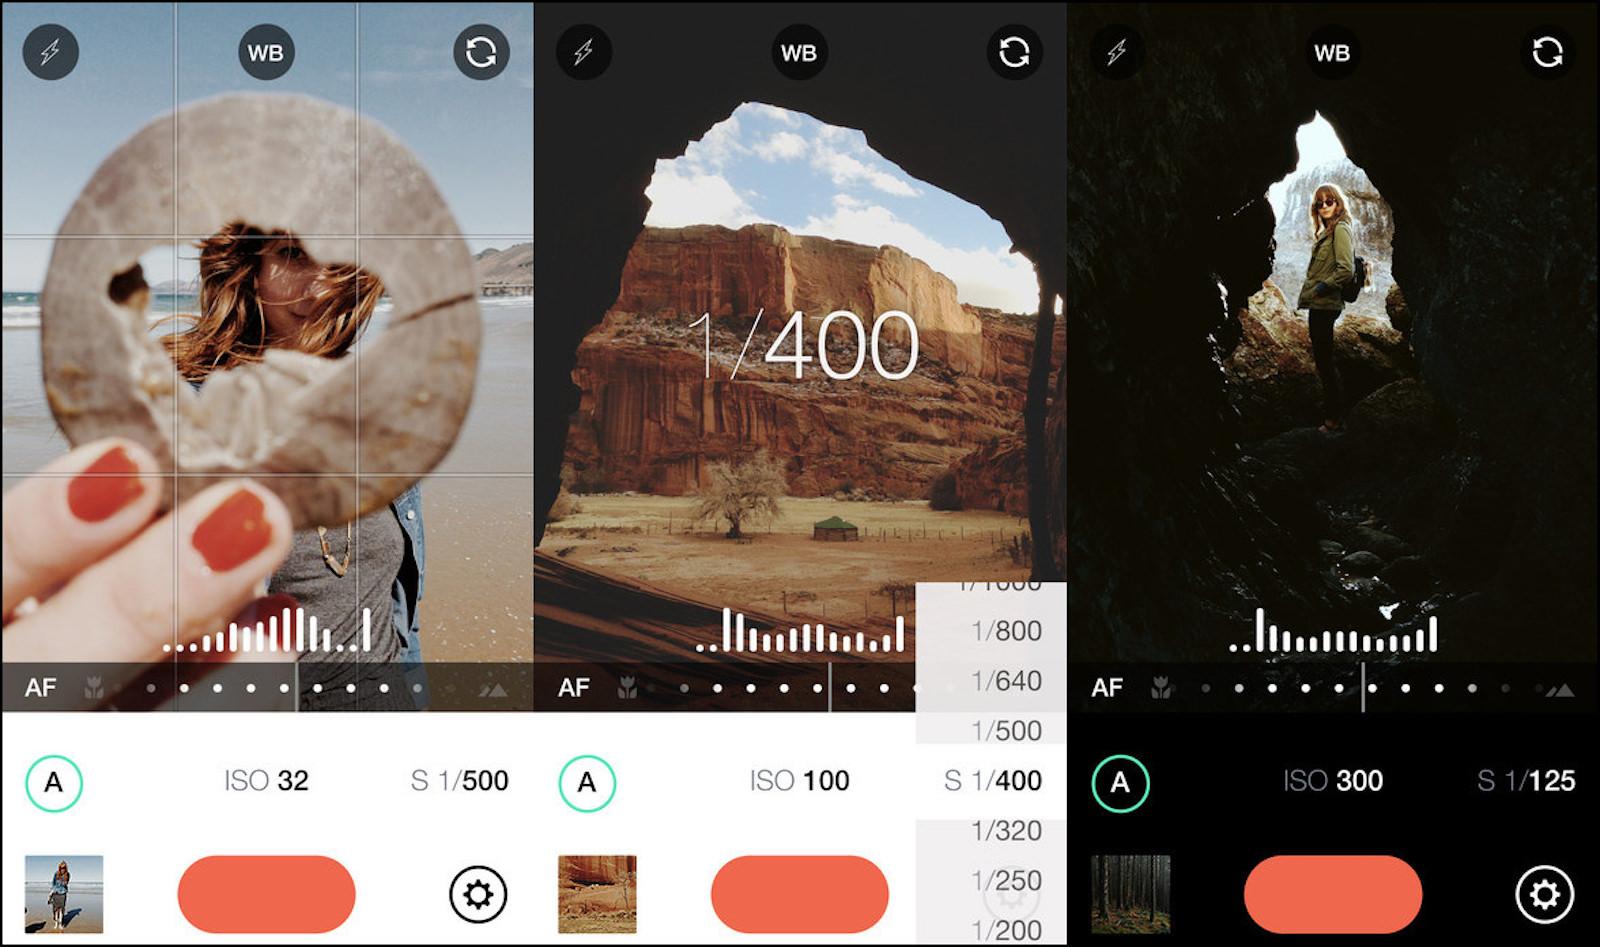 Migliora le tue foto con iPhone: le app per scatti perfetti